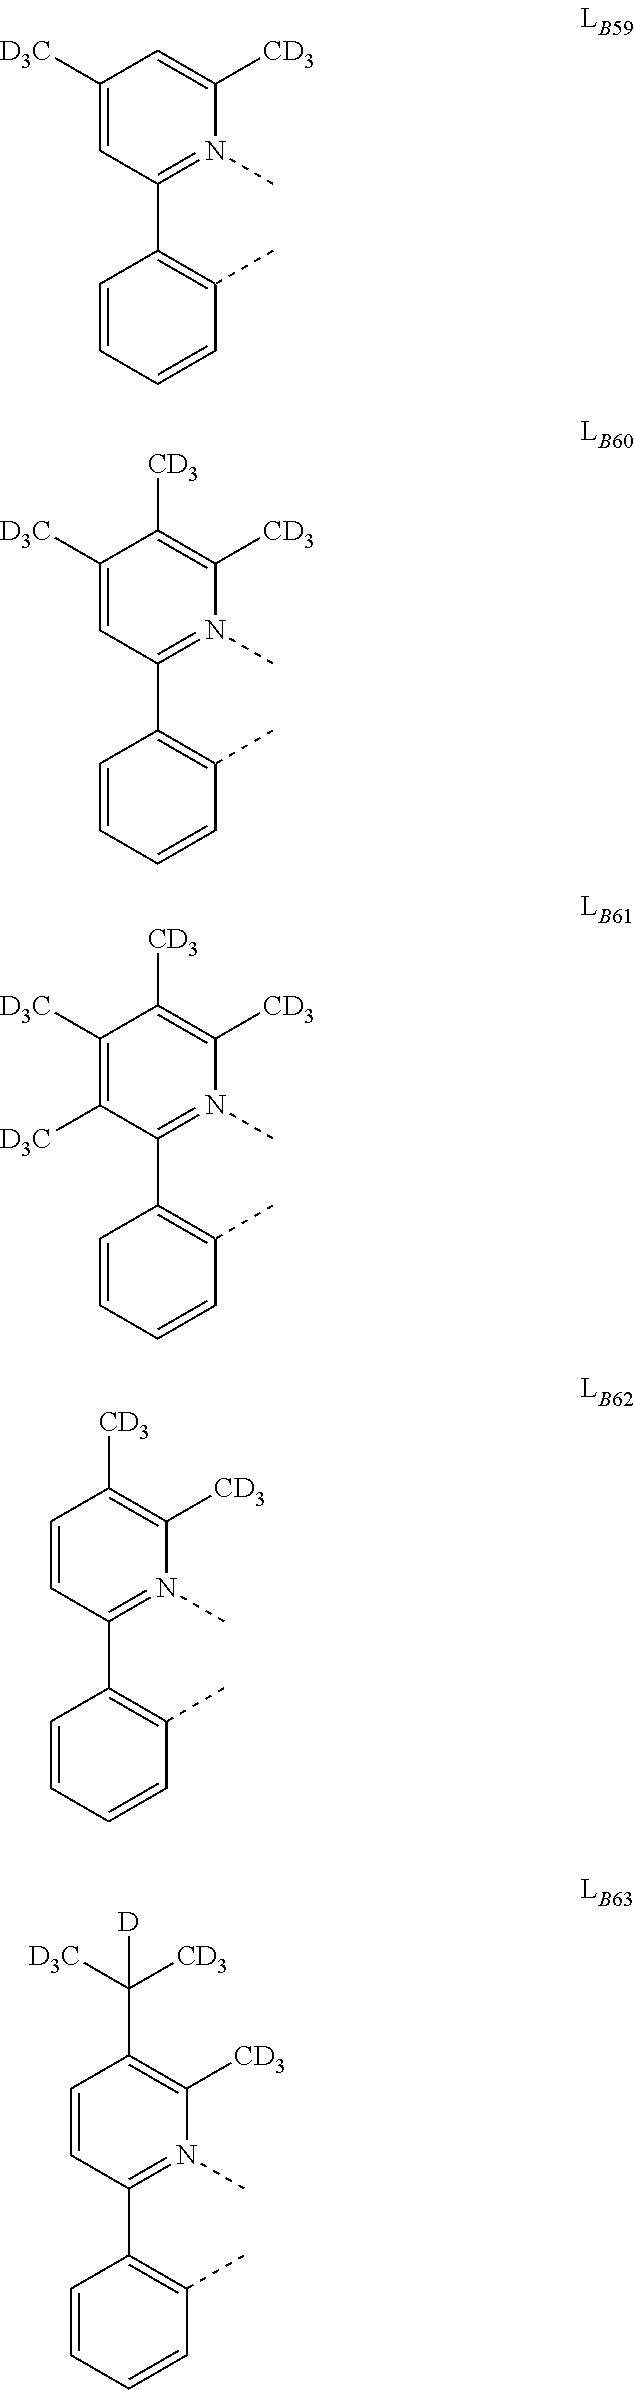 Figure US20180130962A1-20180510-C00271